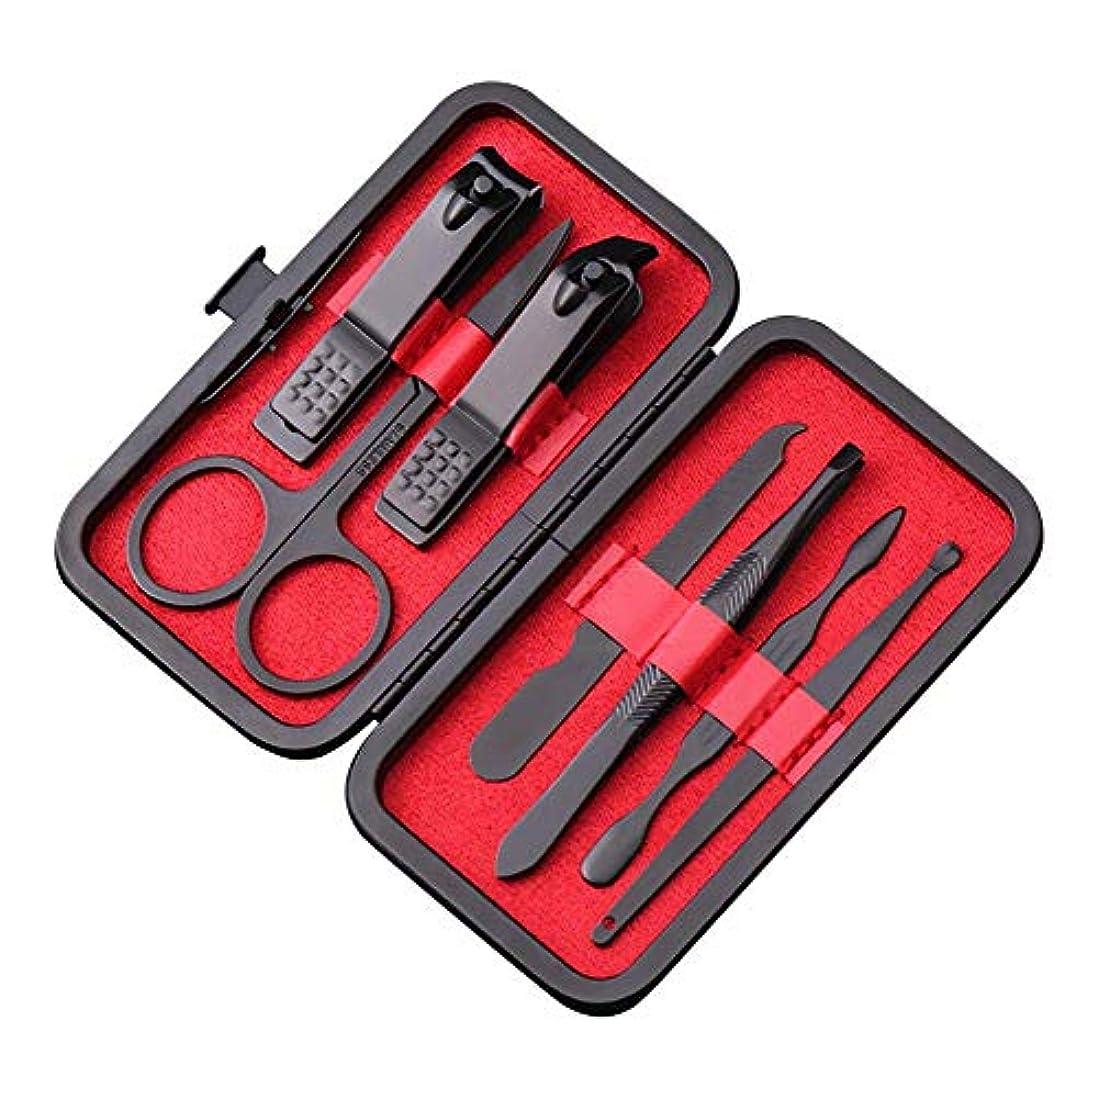 ベッツィトロットウッド護衛スラダムマニキュア ペディキュアキット 爪切りセット 7点セット プロのビューティキット ネイルハサミ 甘皮取り レザーケース付き 赤